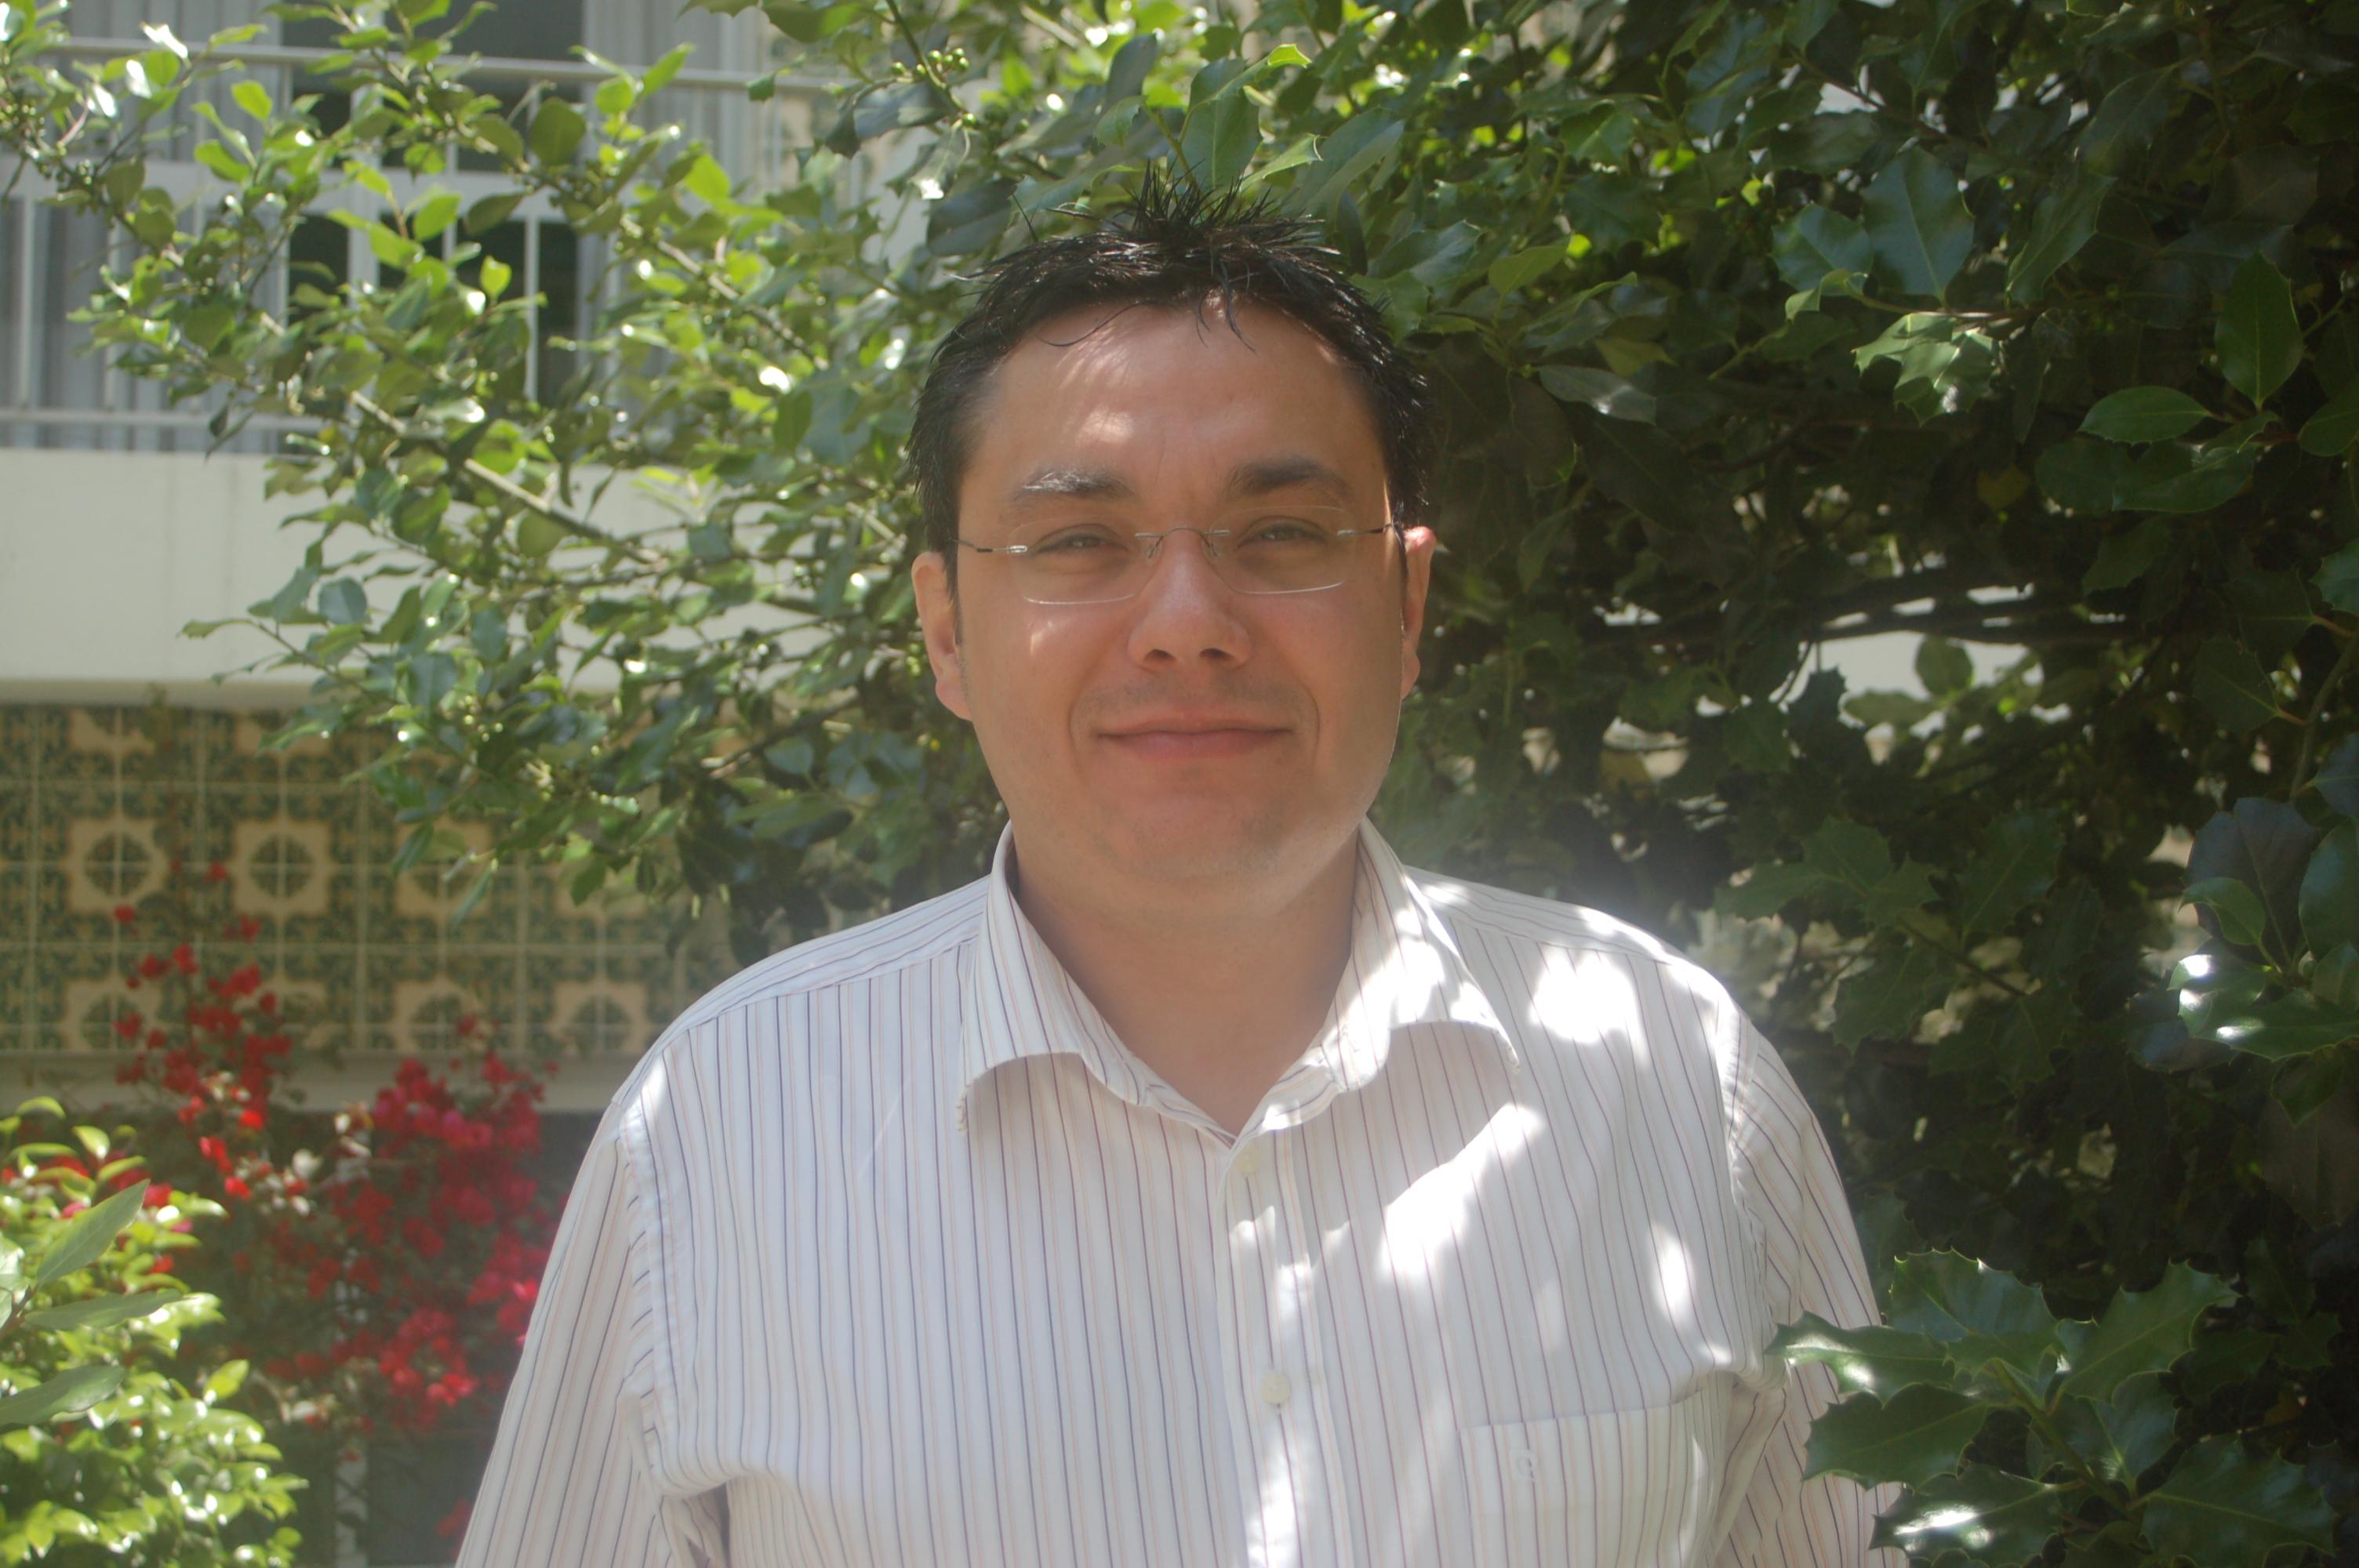 Jose Ignacio Martín